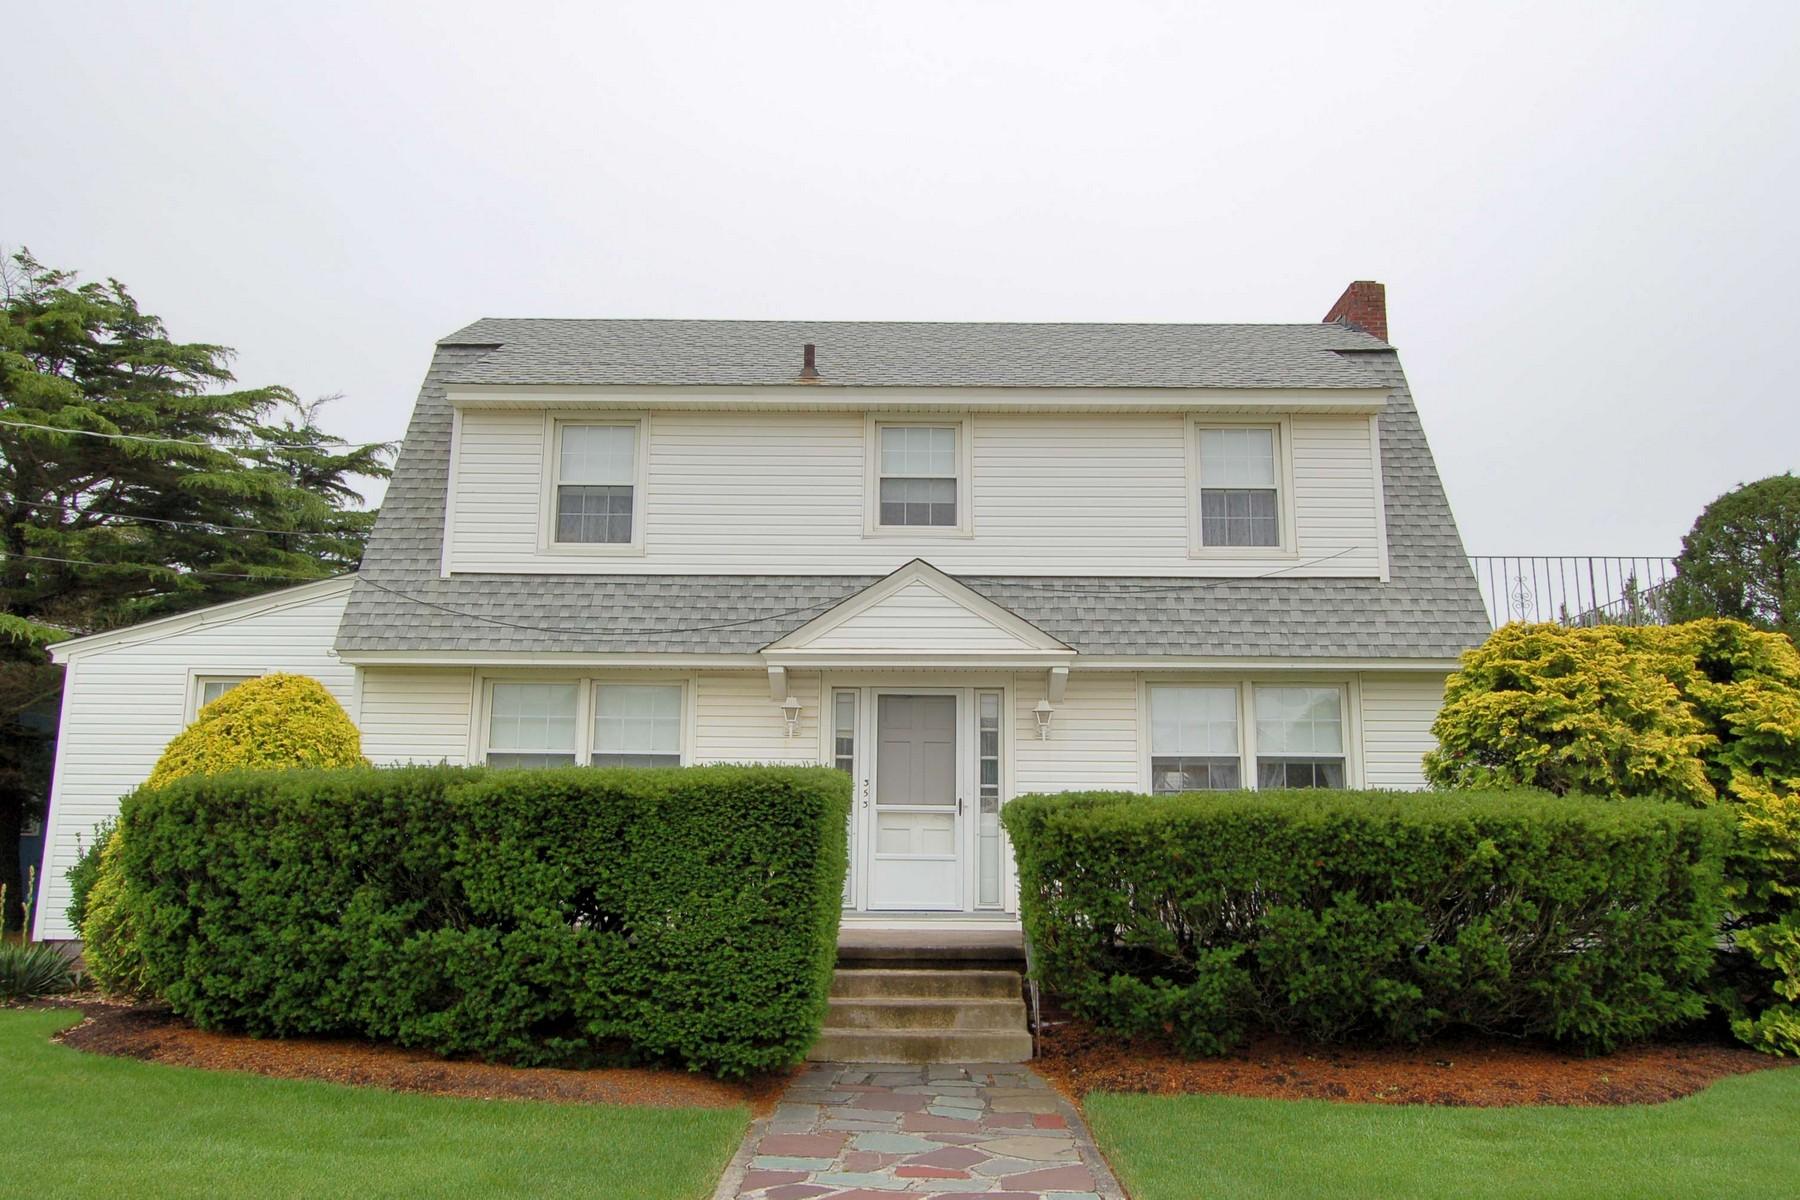 단독 가정 주택 용 매매 에 Classic Gardens Single Home 353-55 E. Surf Road Ocean City, 뉴저지 08226 미국